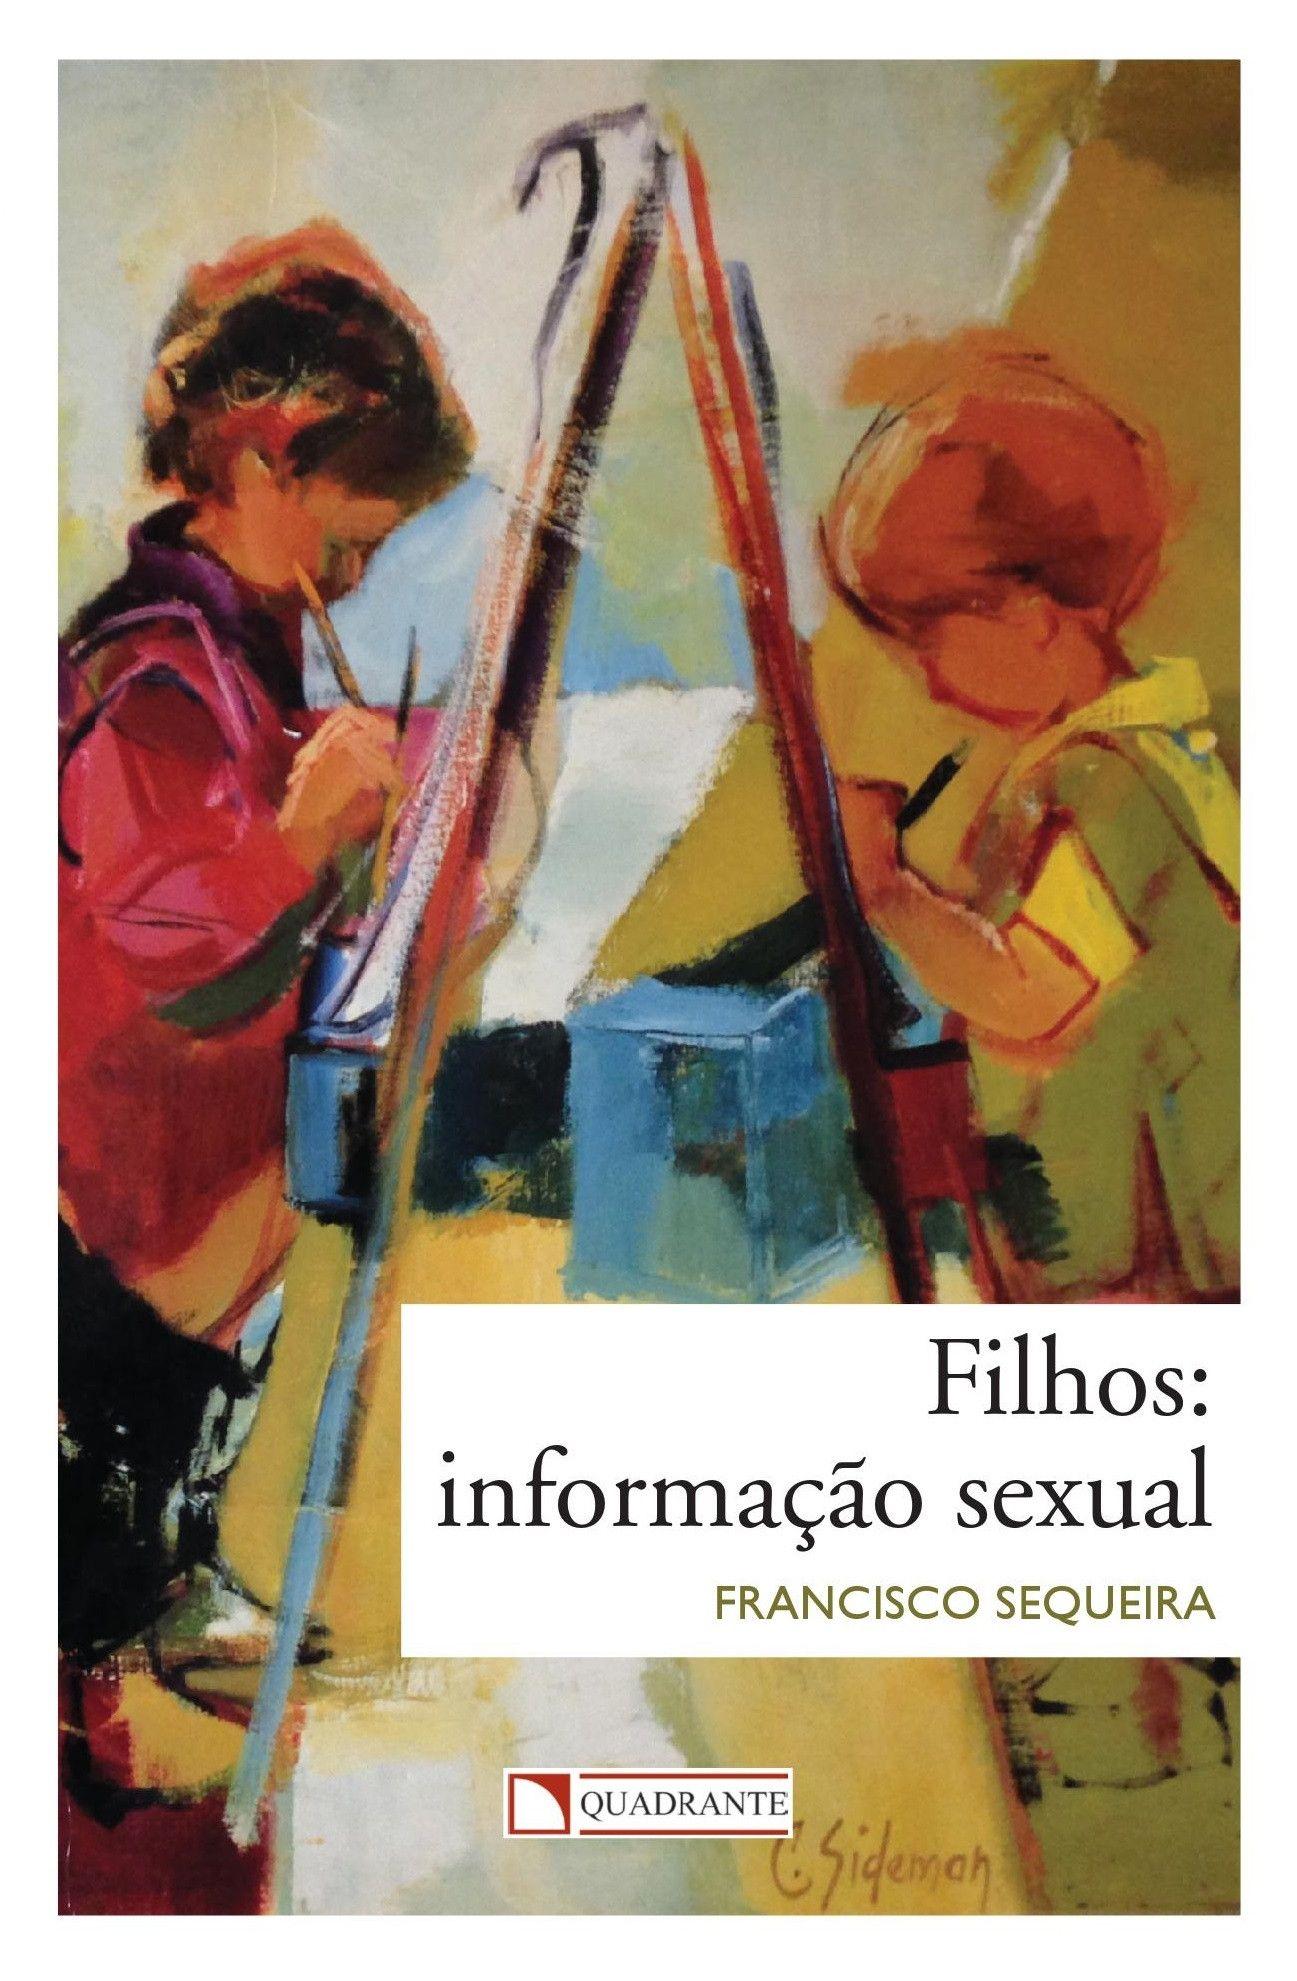 Filhos: Informação sexual